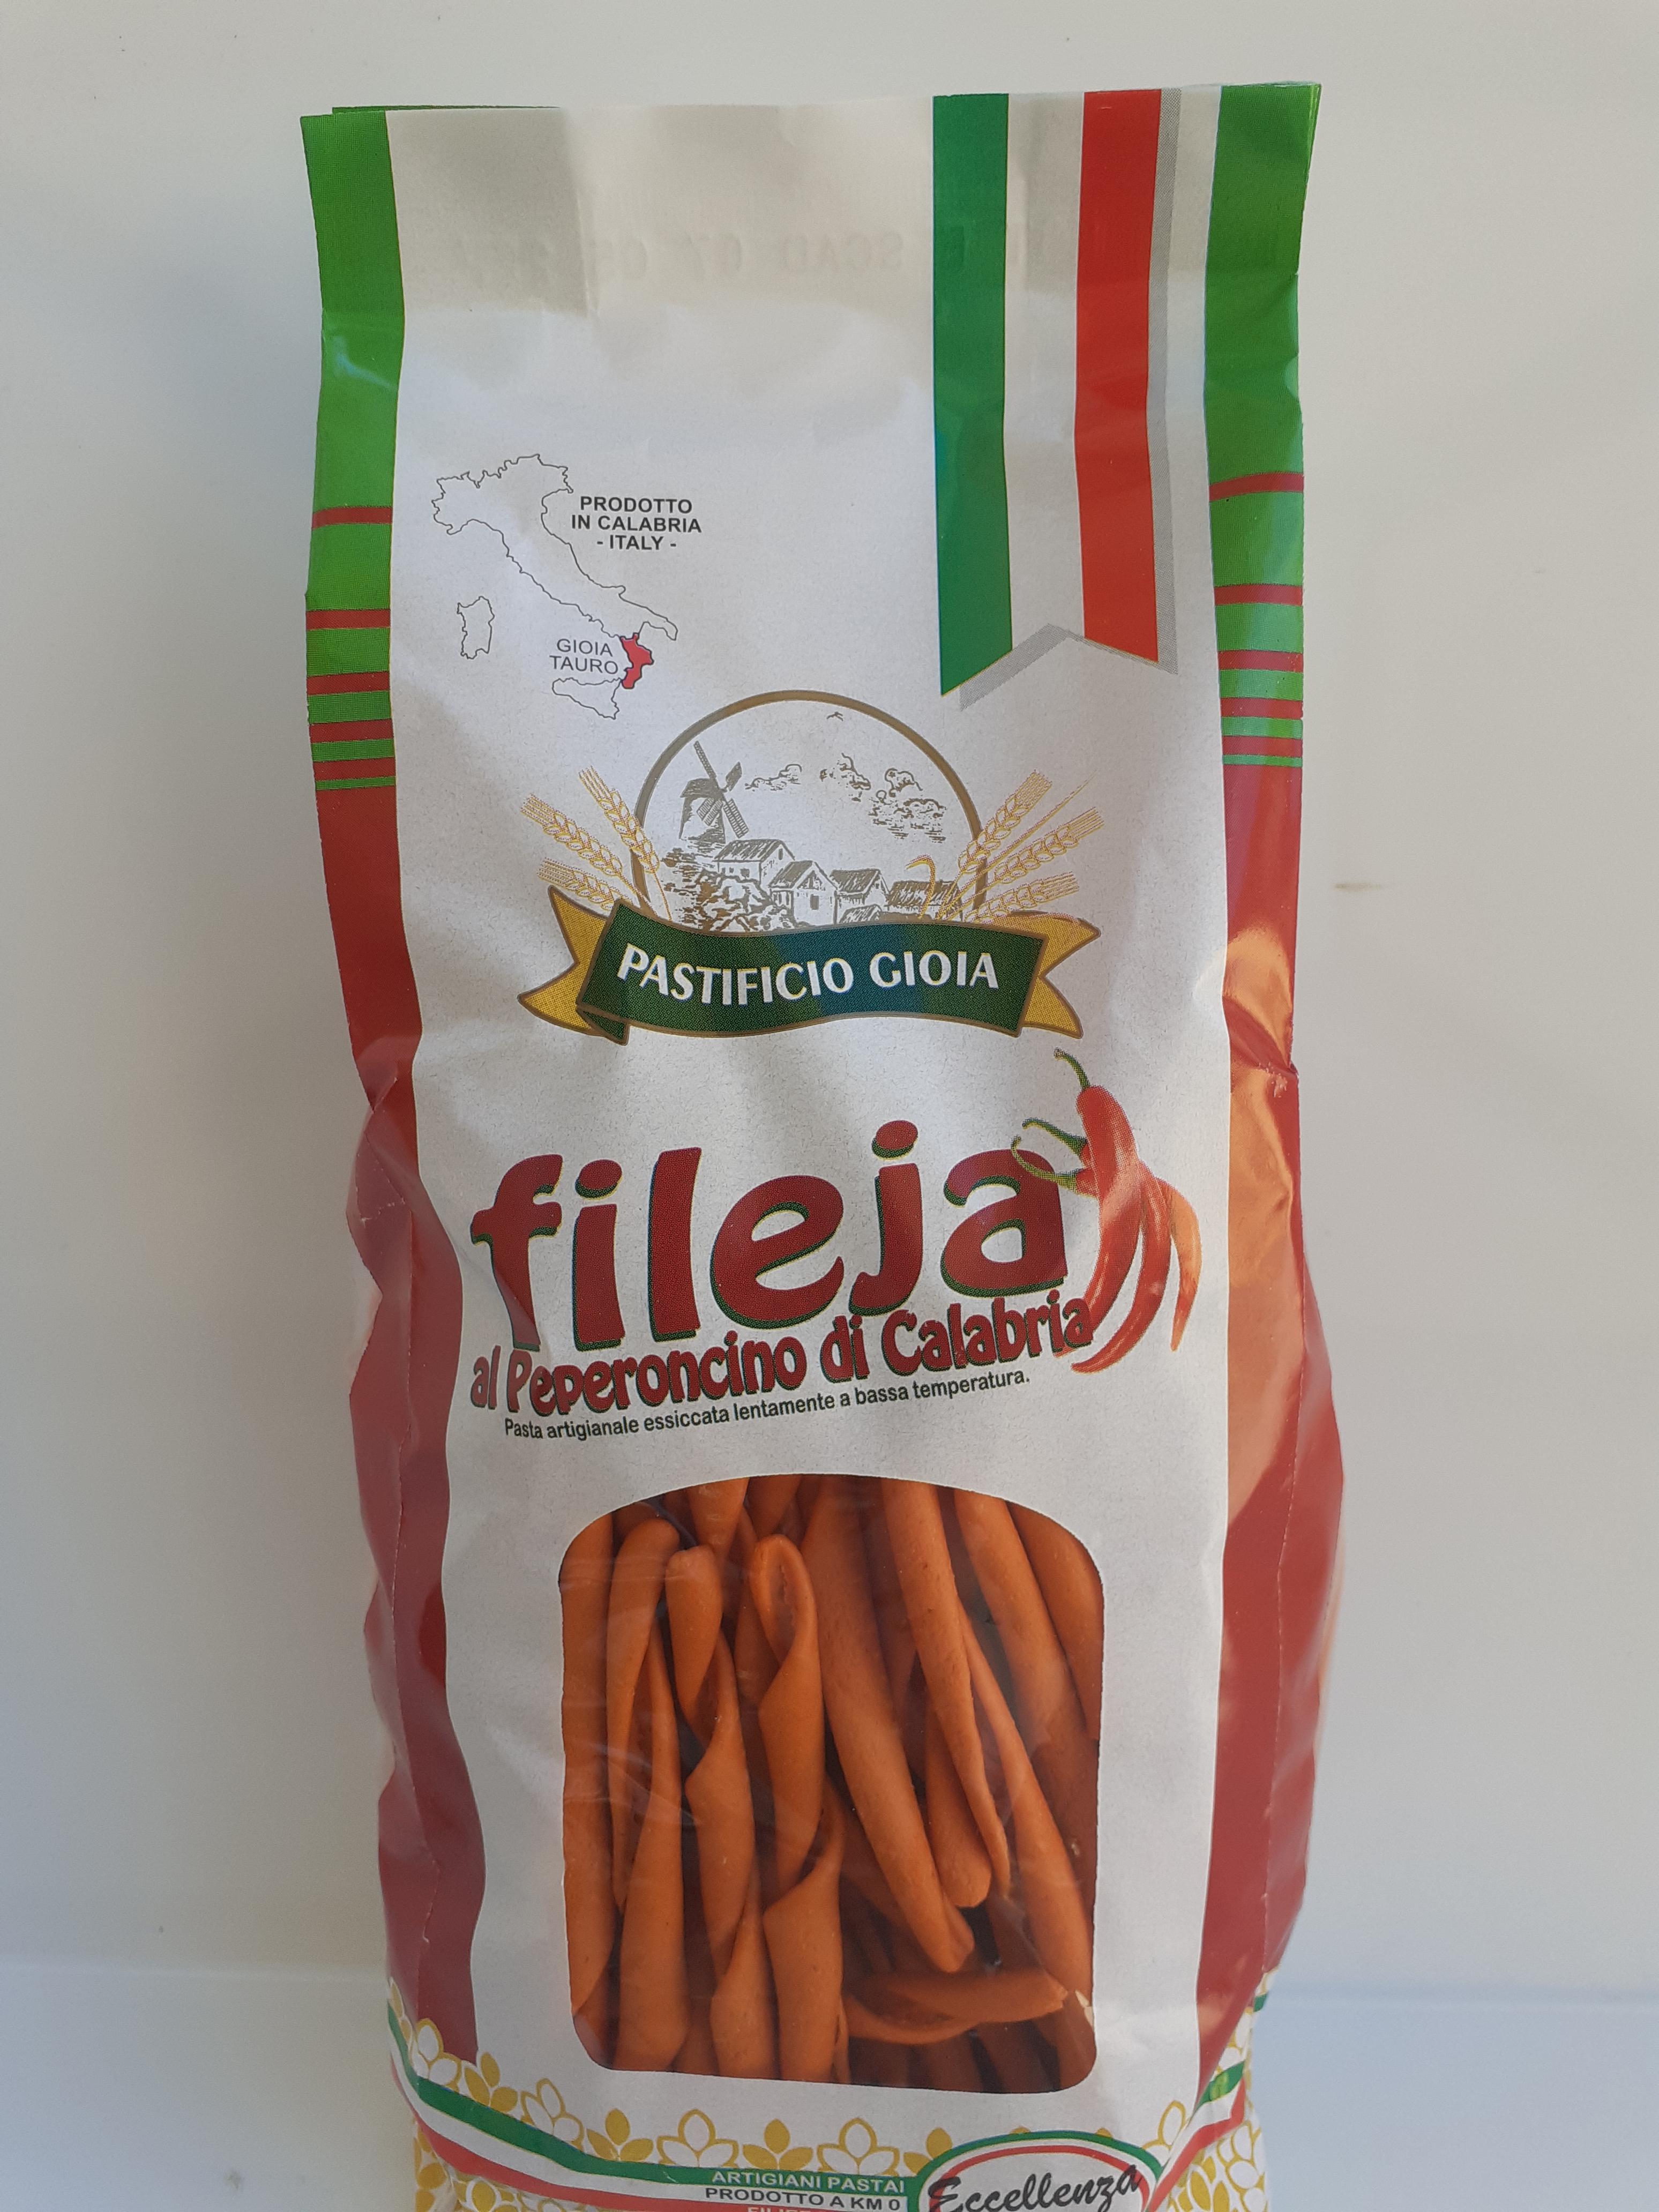 I Fileja al Peperoncino di Calabria 500g. Pasta Artigianale essiccata lentamente a bassa temperatura del Pastificio Gioia Gioia Tauro (RC)